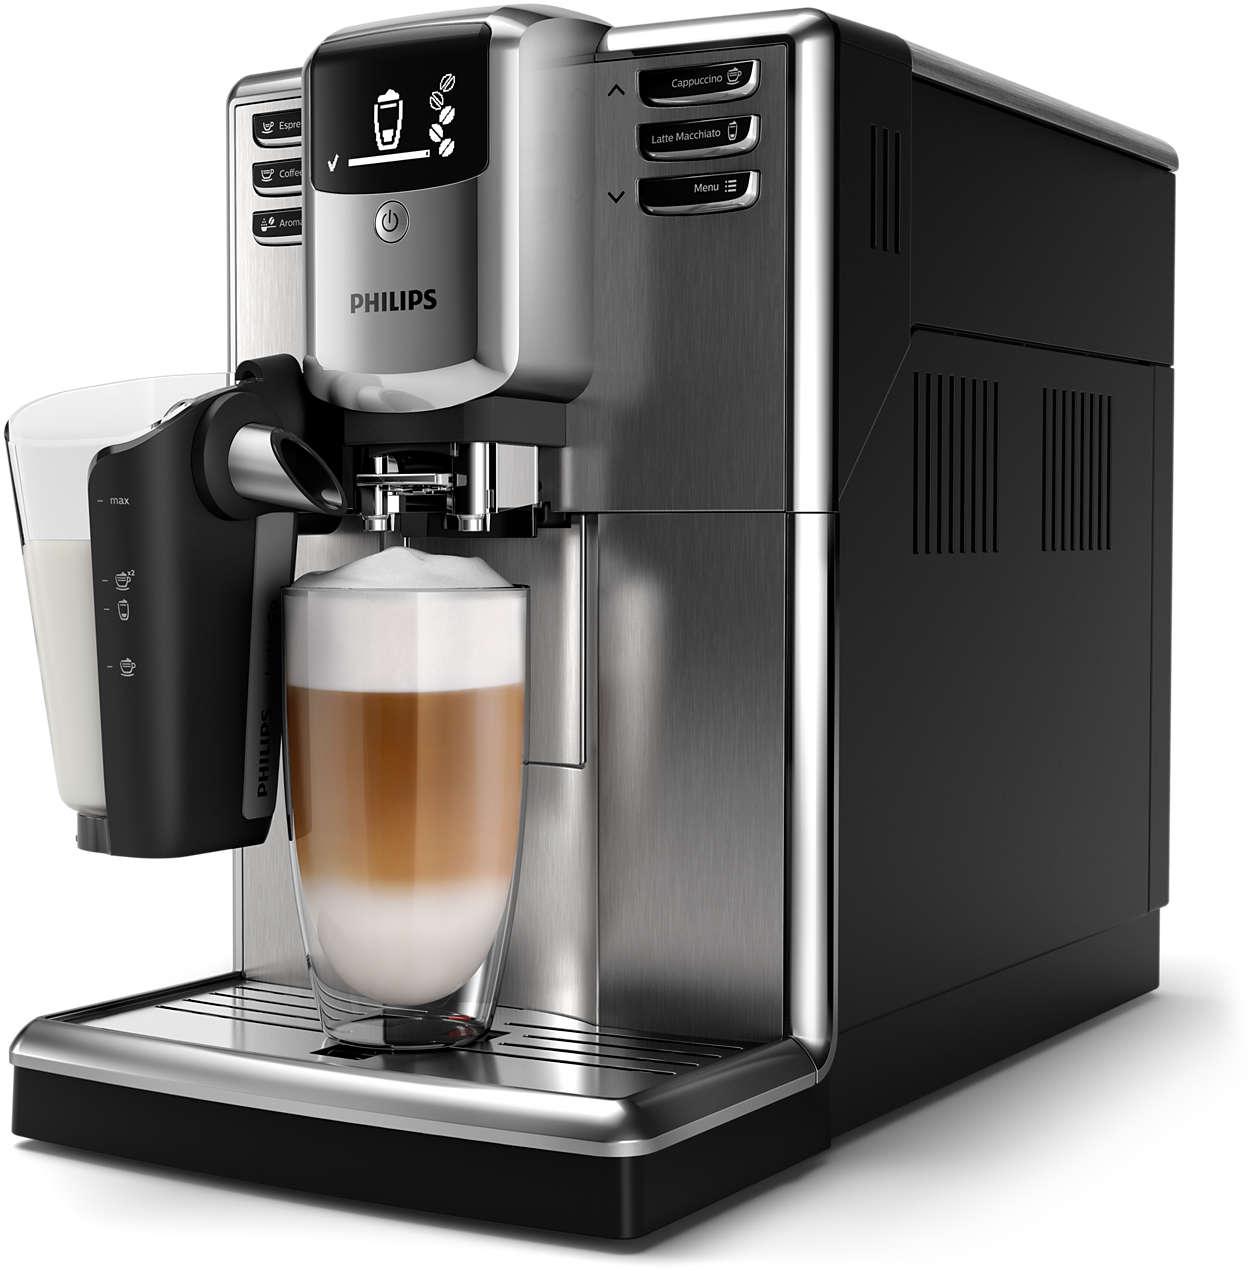 Sex kaffevarianter enkelt gjorda på färska bönor